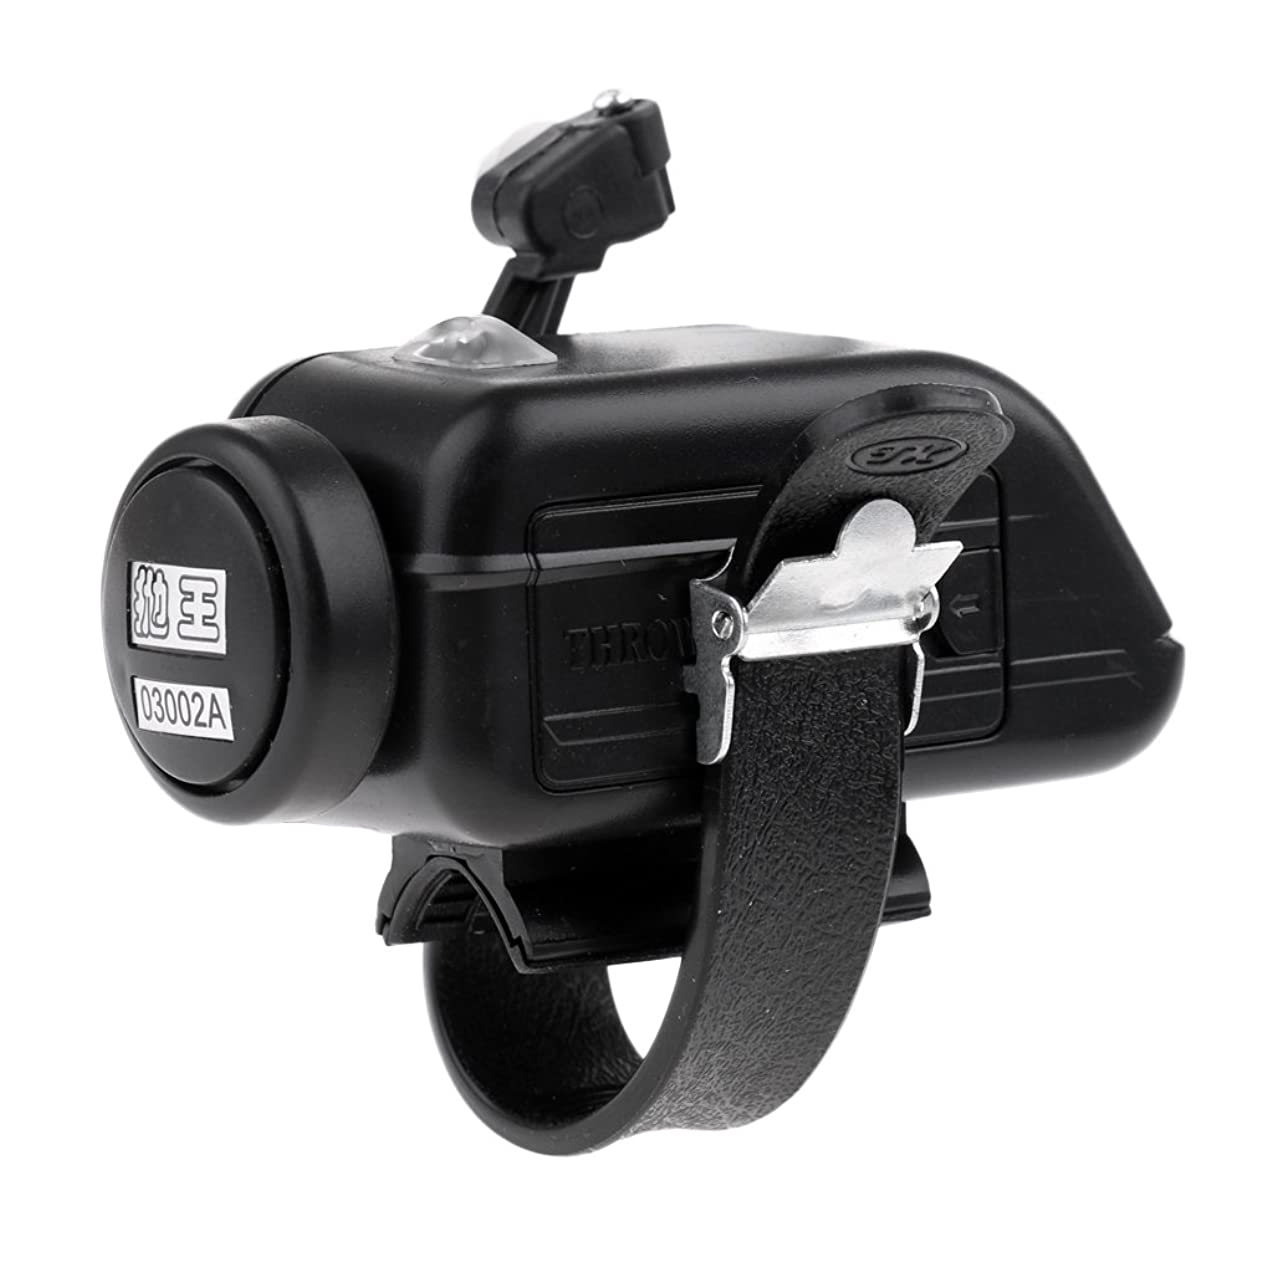 使い込む残忍なスリットBaosity ロッド用 バイトアラーム 釣りアラーム ブザー センサー 魚当たりを知らせ 調整可能 光と音機能